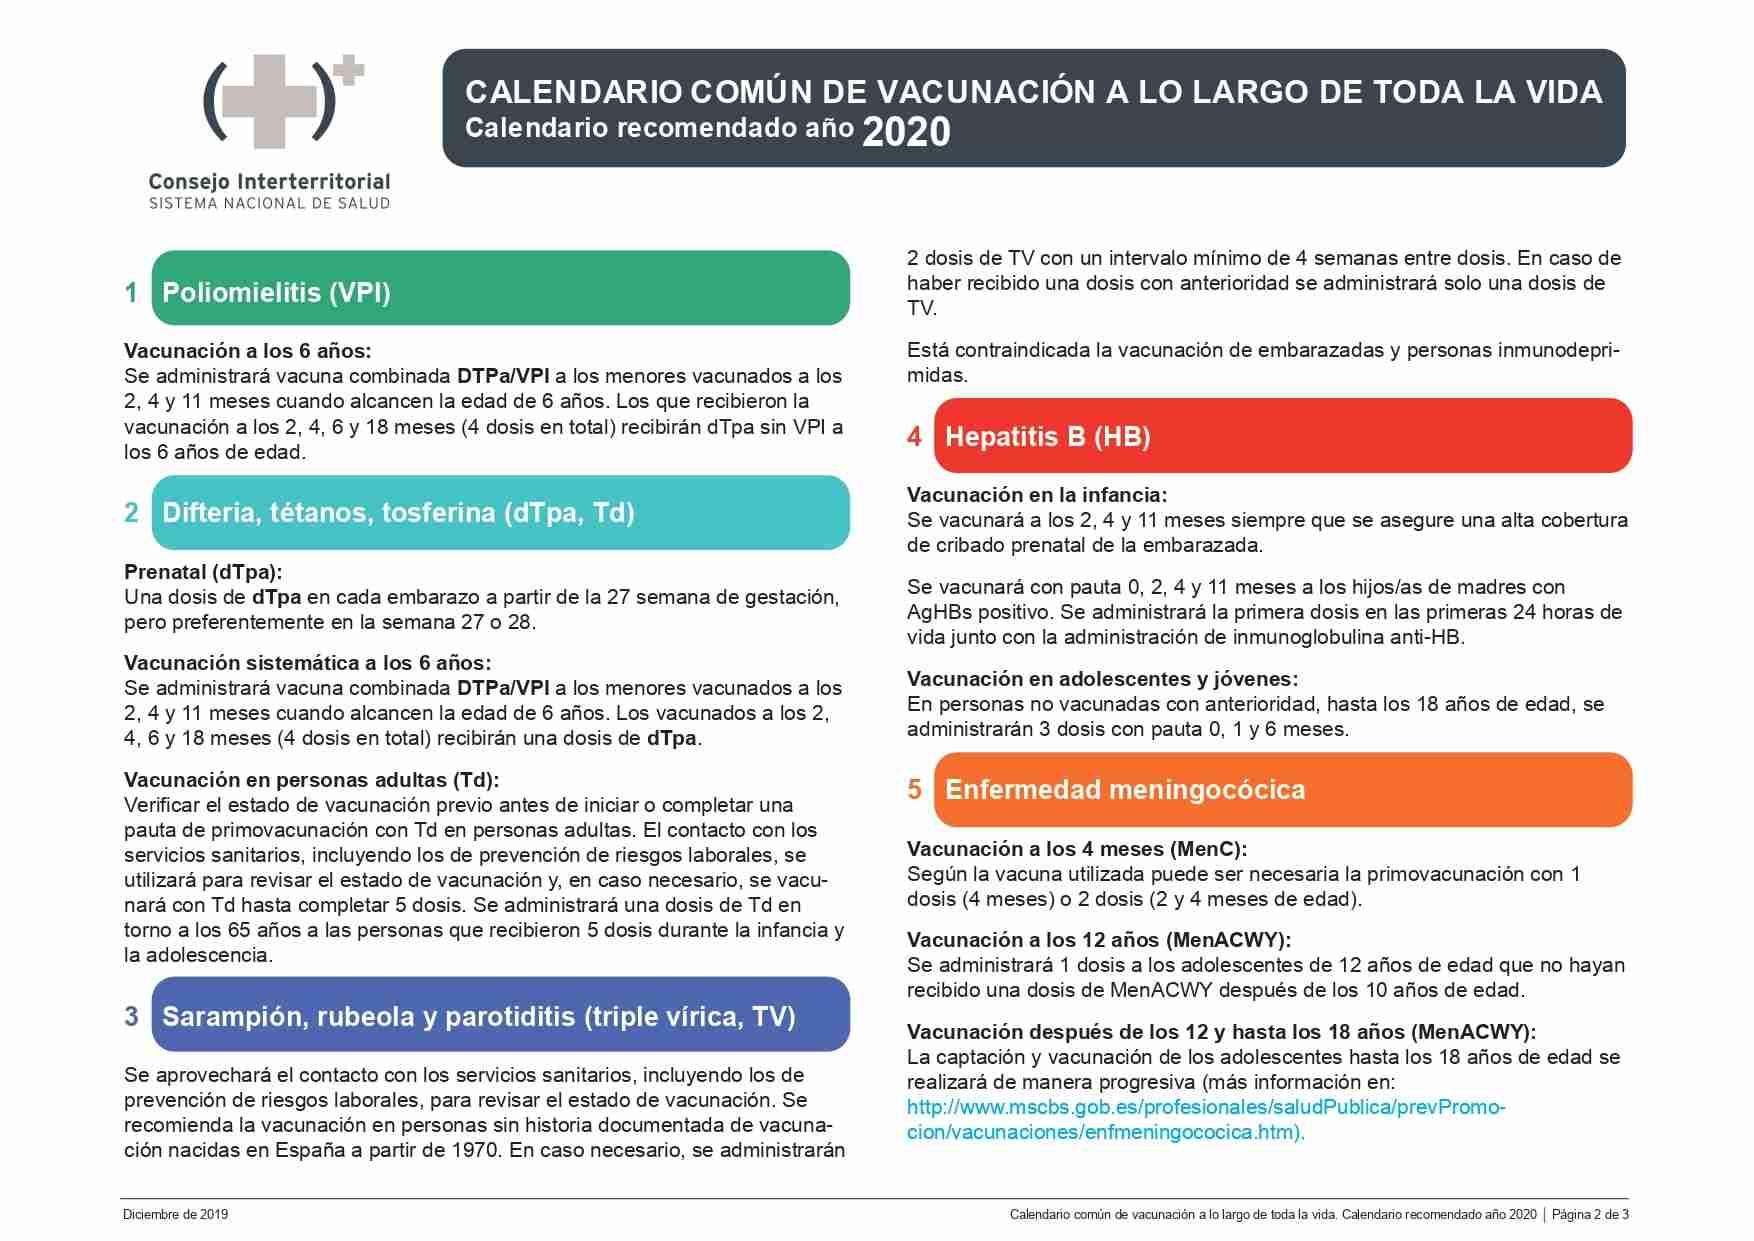 ¿Me tengo que vacunar de SARAMPIÓN? 8